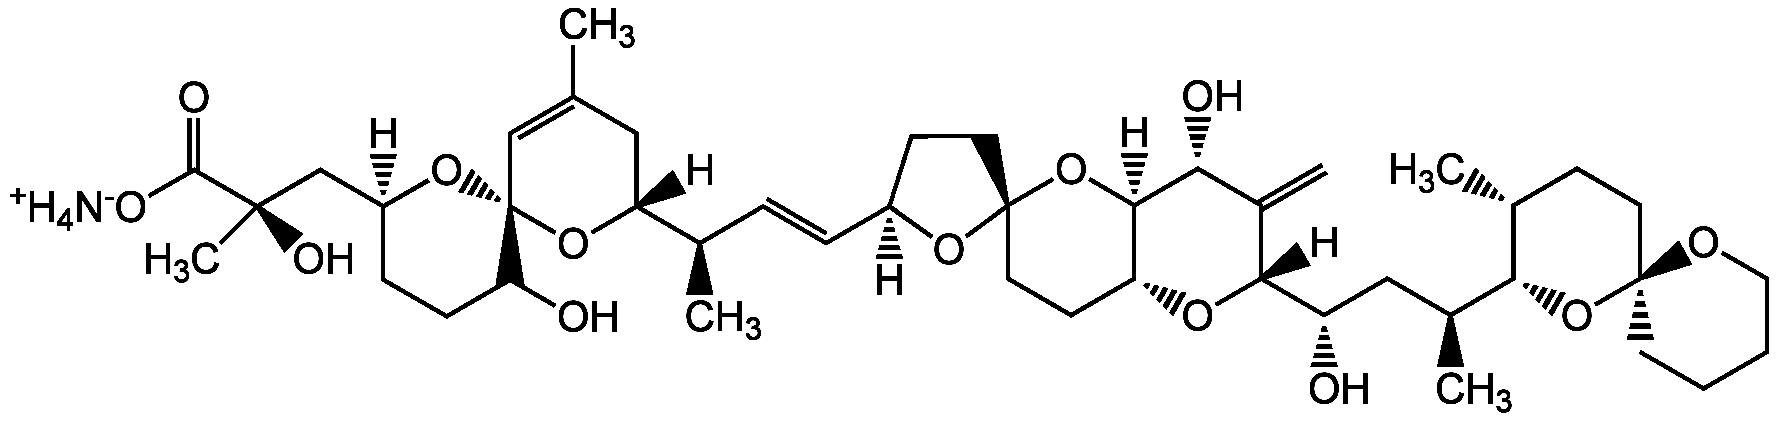 pdf okadaic acid the archetypal serine threonine protein phosphatase inhibitor